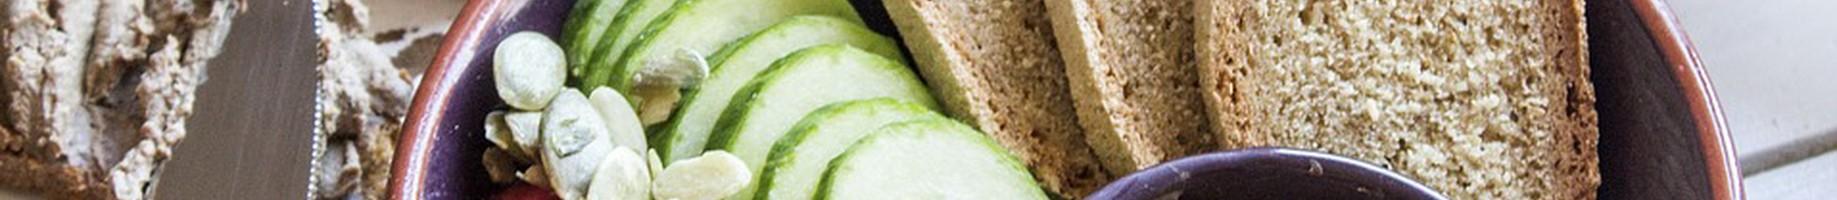 bread-2224401_1280